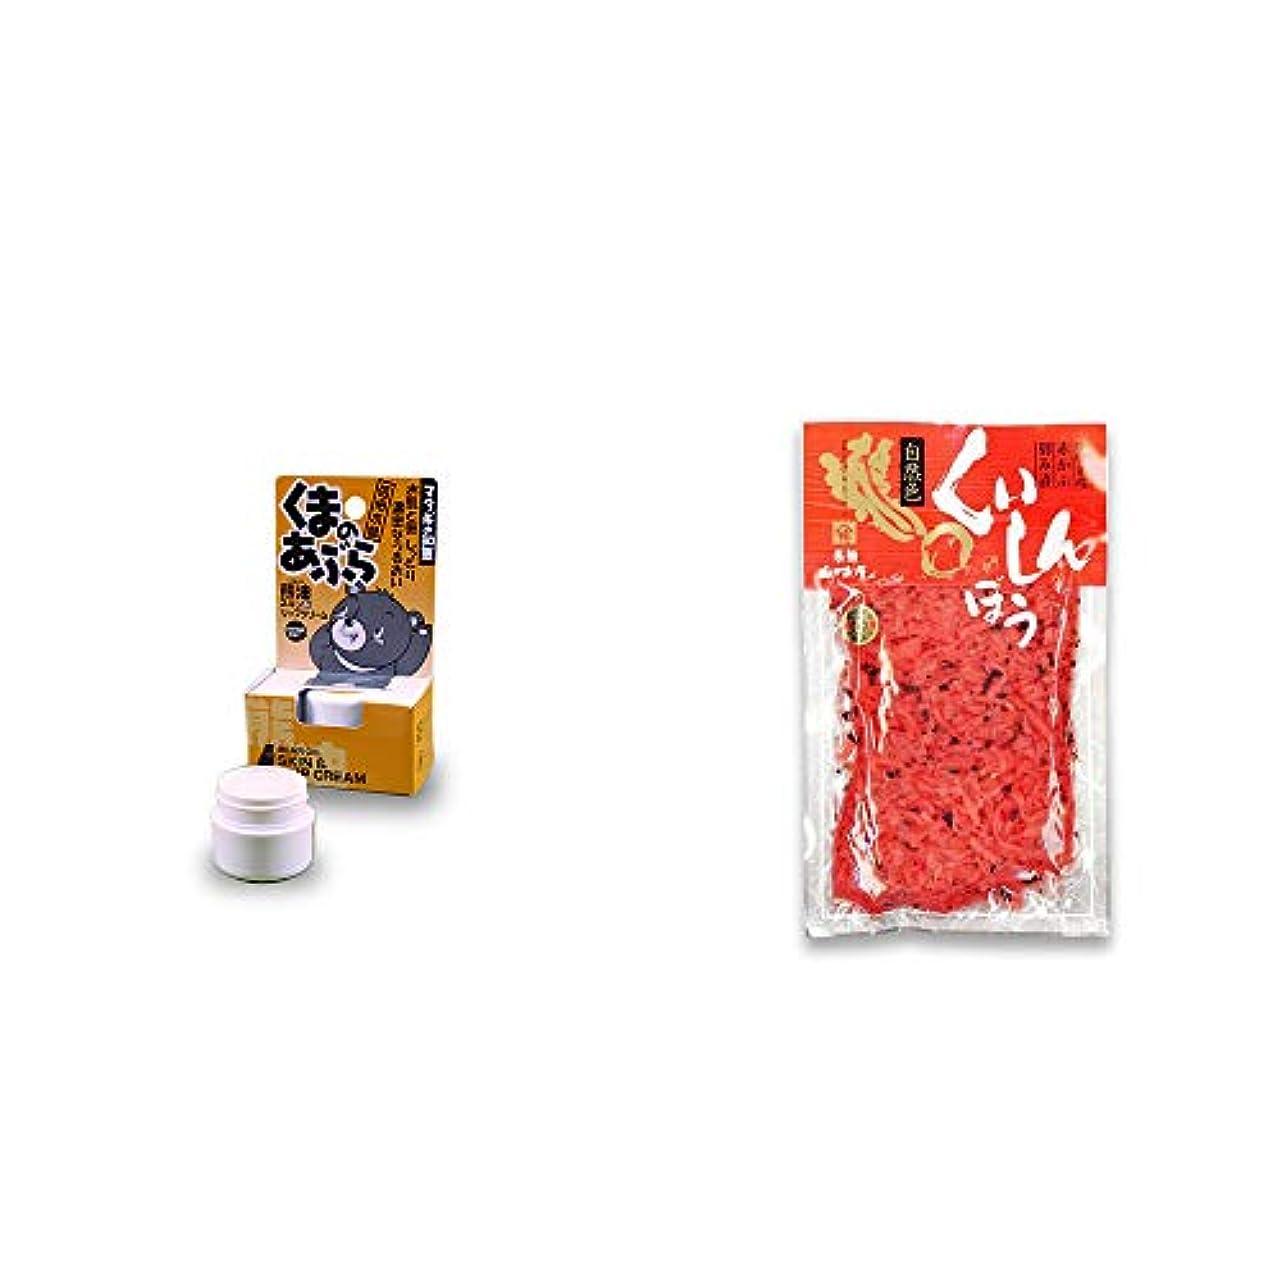 賢い田舎者形[2点セット] 信州木曽 くまのあぶら 熊油スキン&リップクリーム(9g)?飛騨山味屋 くいしんぼう【大】(260g) [赤かぶ刻み漬け]